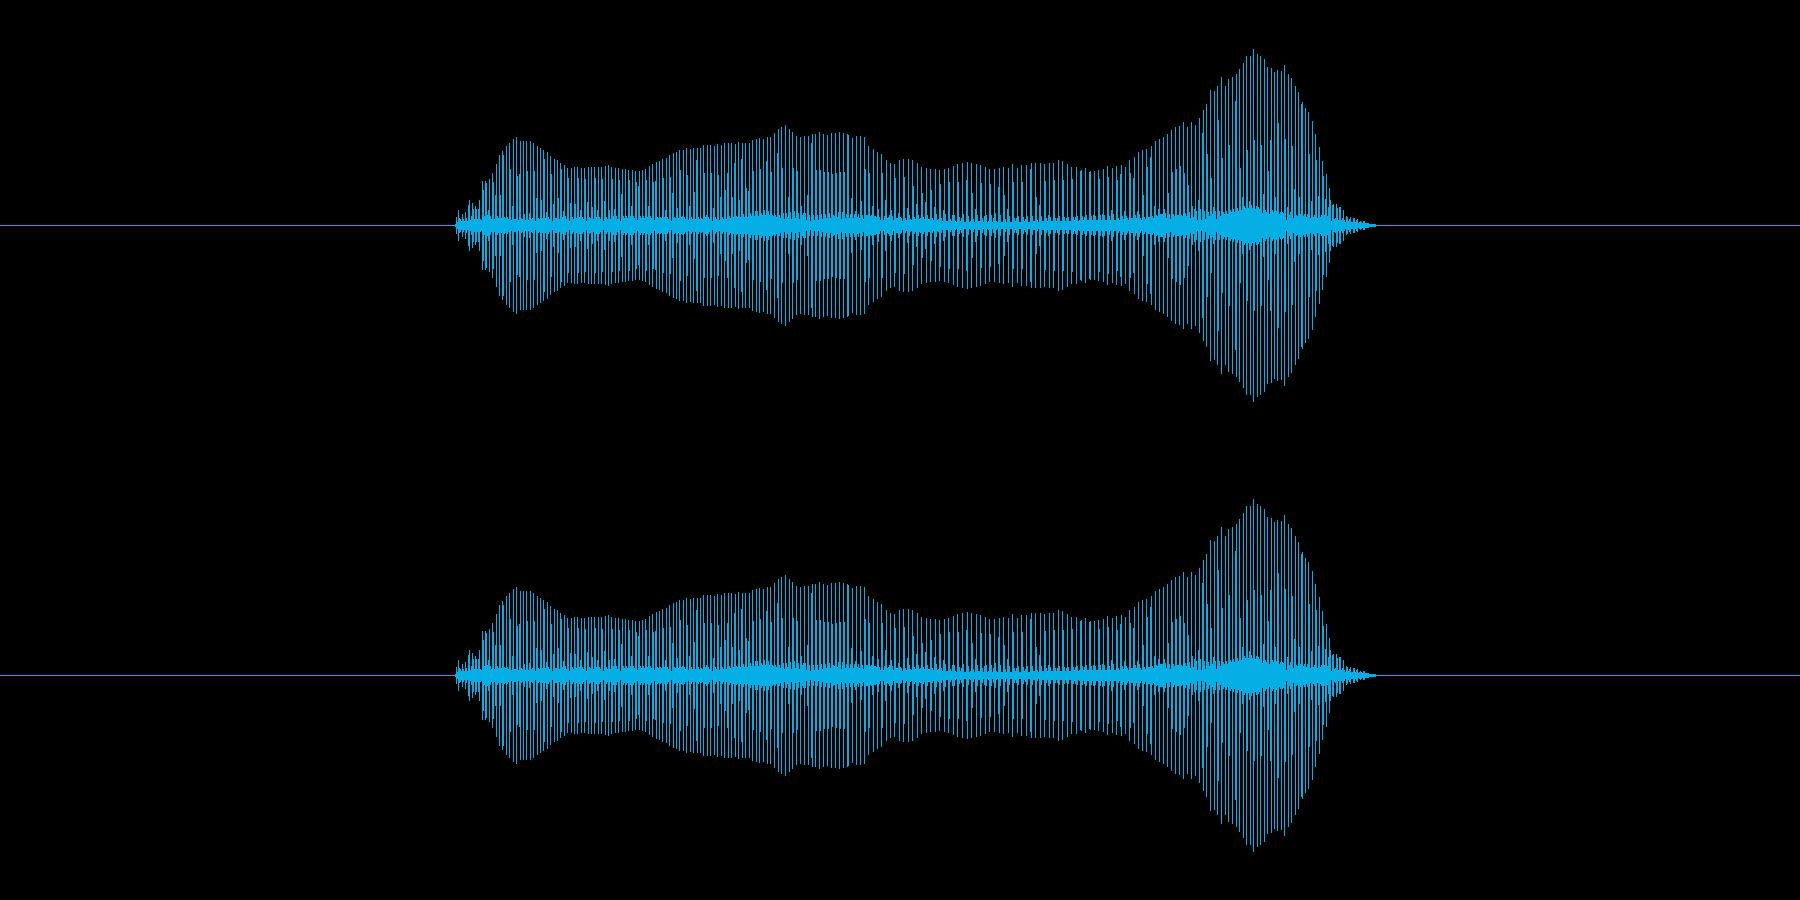 トロンボーンあるあるフレーズBPM240の再生済みの波形